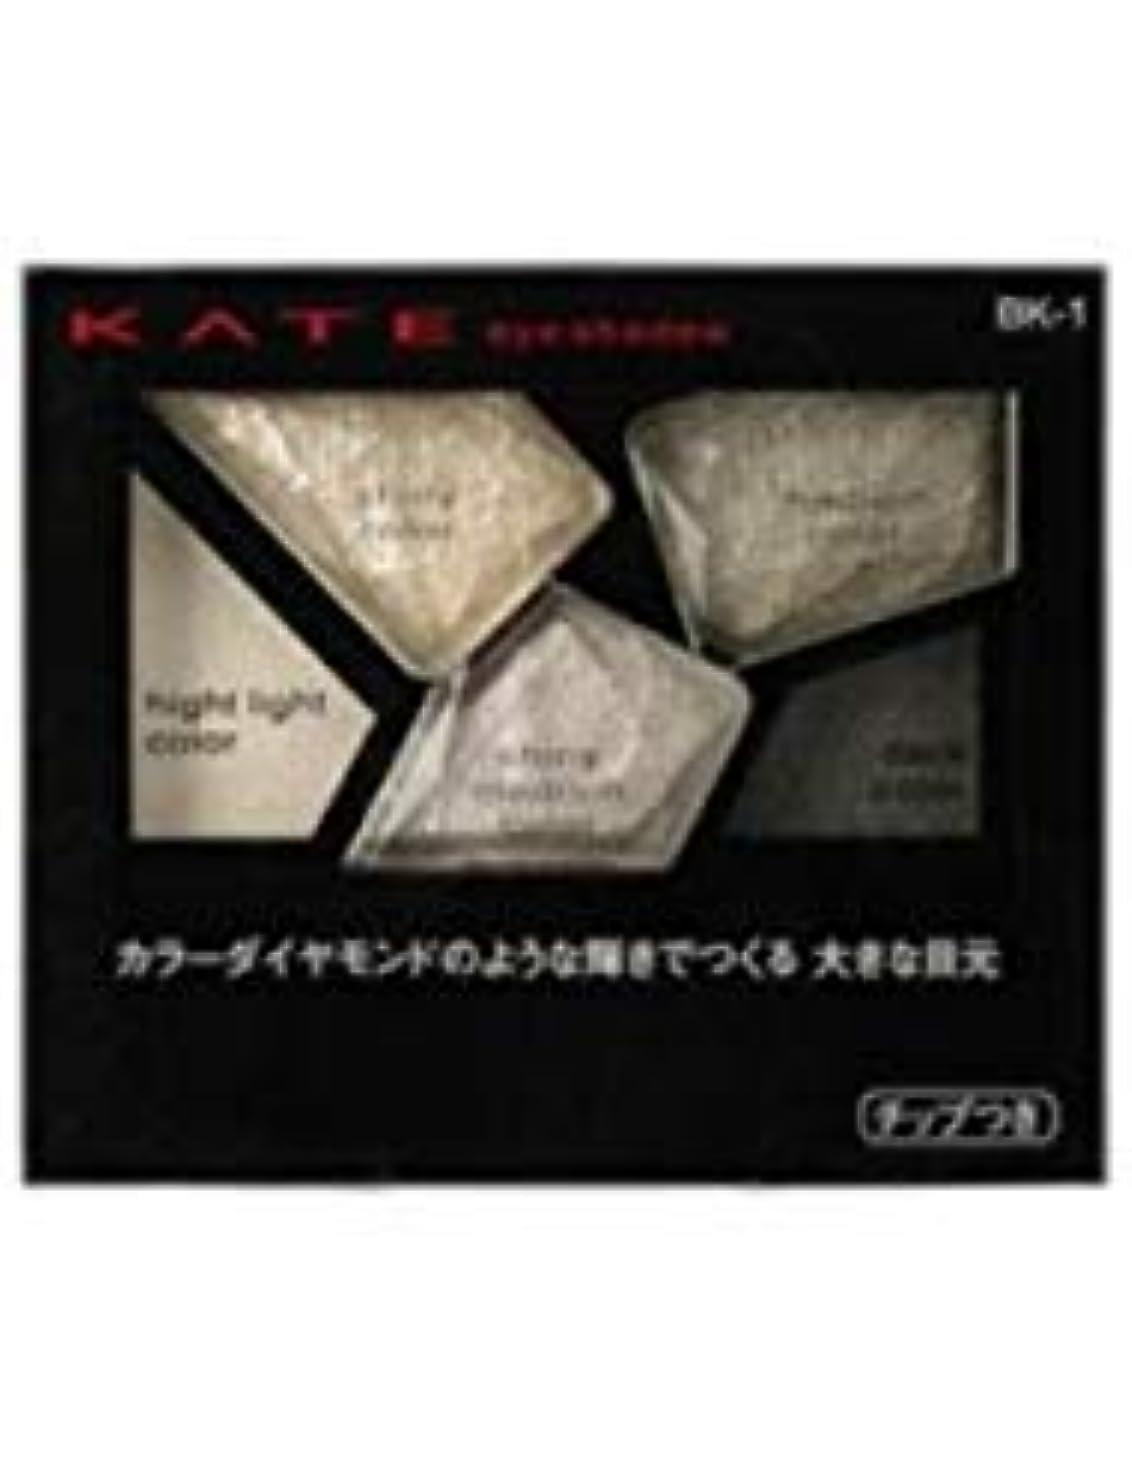 霜立ち向かうかまどカネボウ(Kanebo) ケイト カラーシャスダイヤモンド<ブラック1>